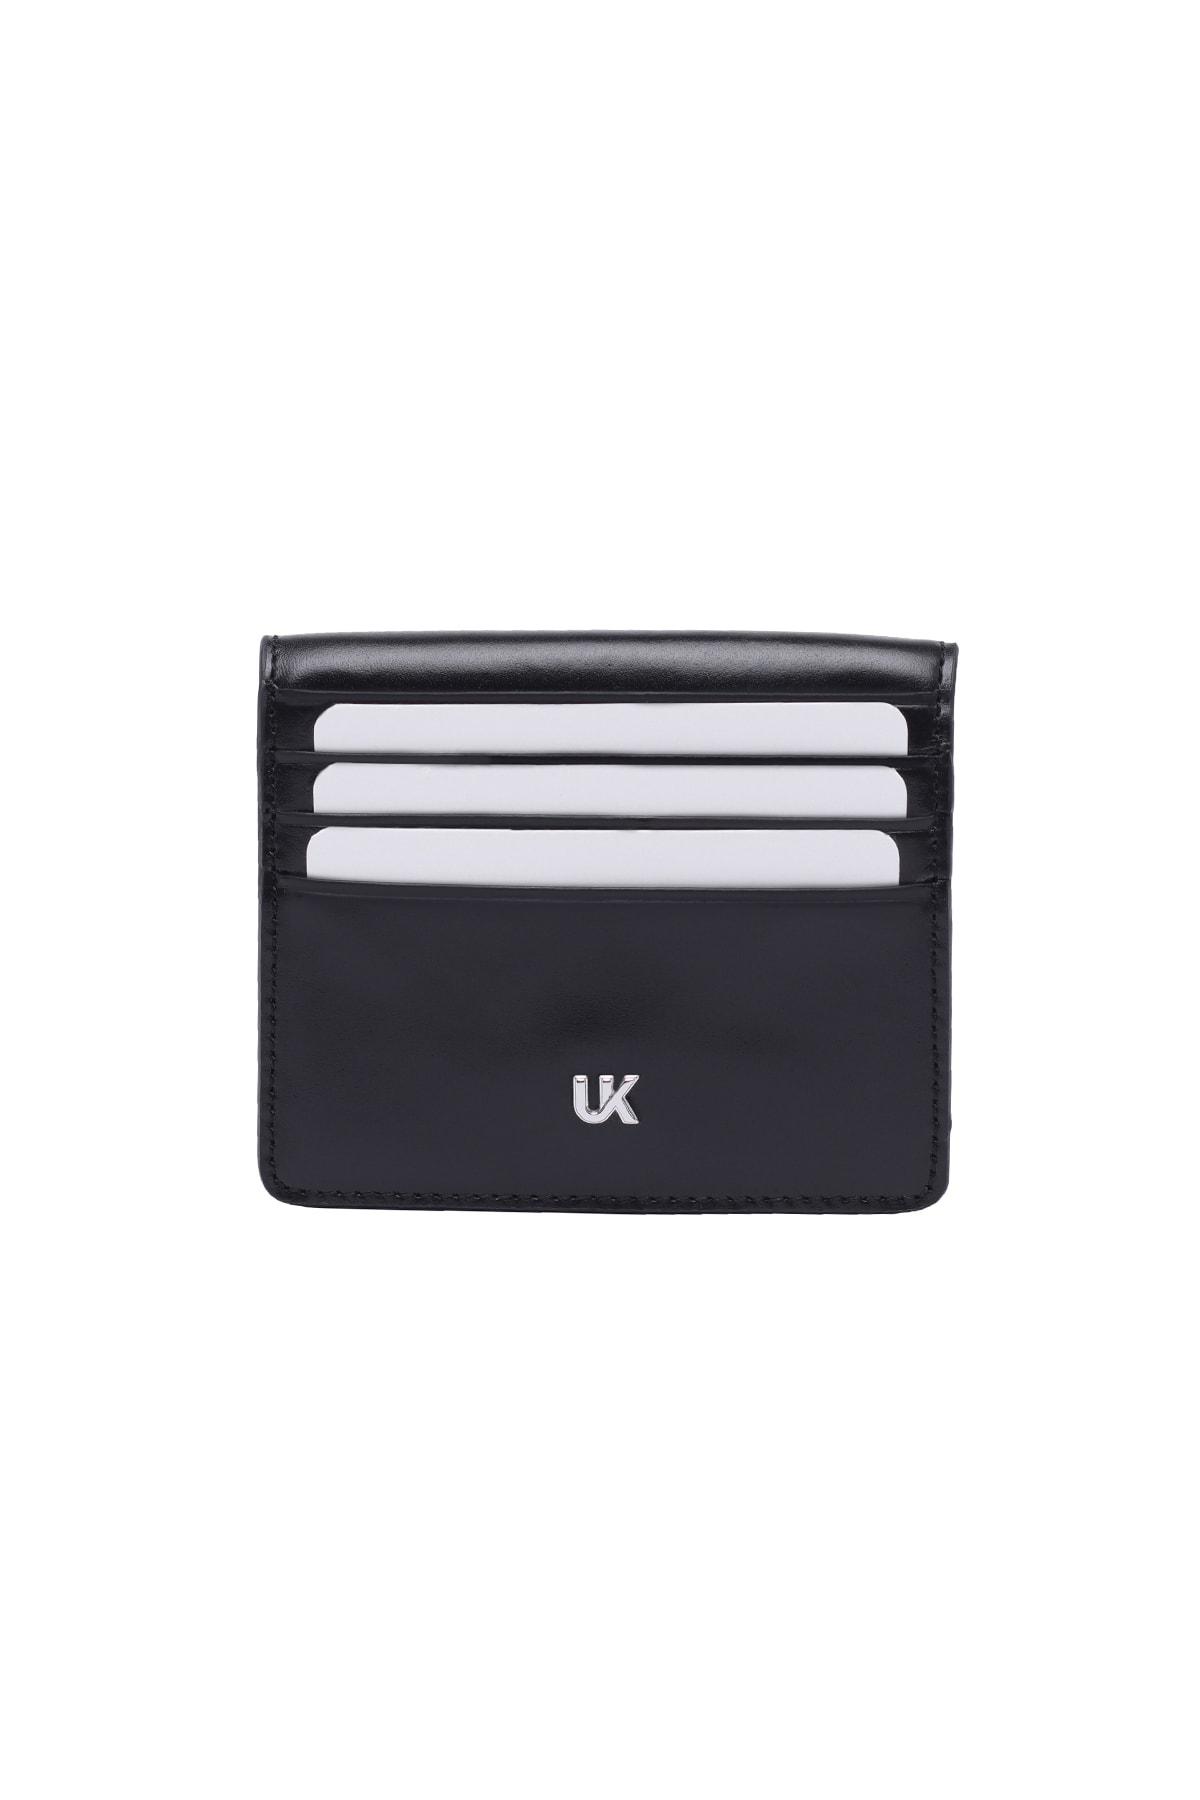 خرید ارزان کیف کارت اعتباری مردانه برند UK Leather Concept رنگ مشکی کد ty98580100